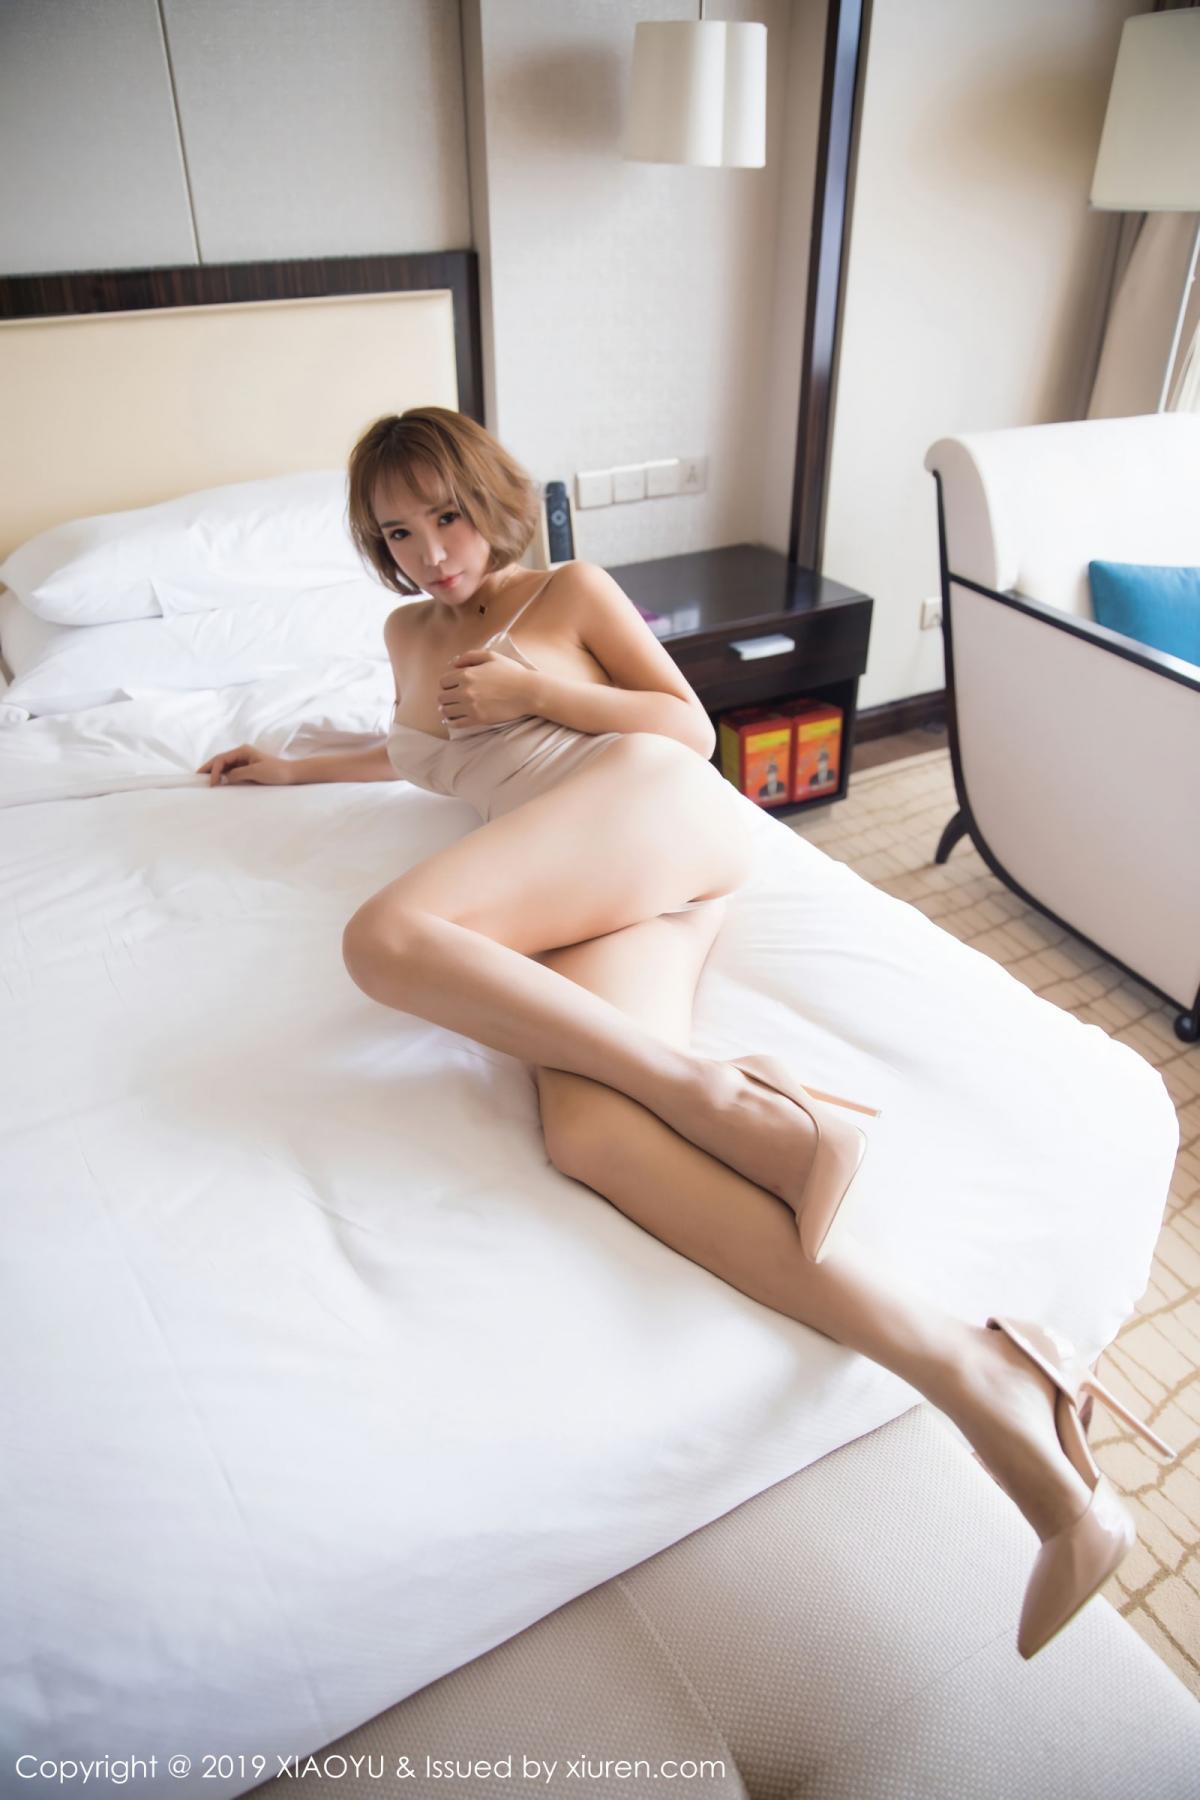 [XiaoYu] Vol.015 Chen Ya Wen 33P, Chen Ya Wen, Sexy, XiaoYu